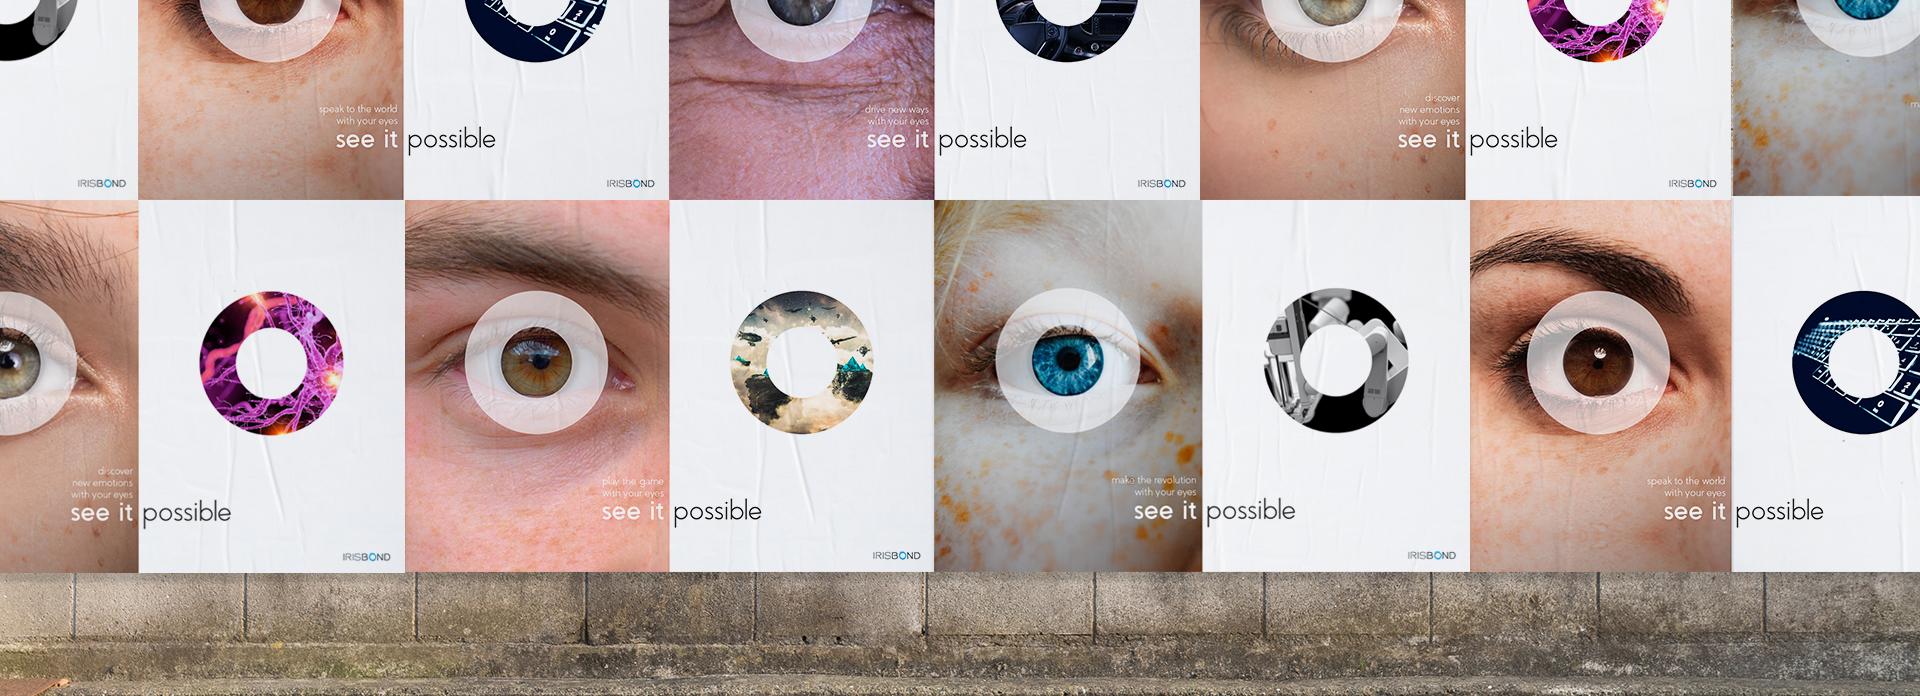 Irisbond. Un lanzamiento digital con la mirada puesta en el futuro